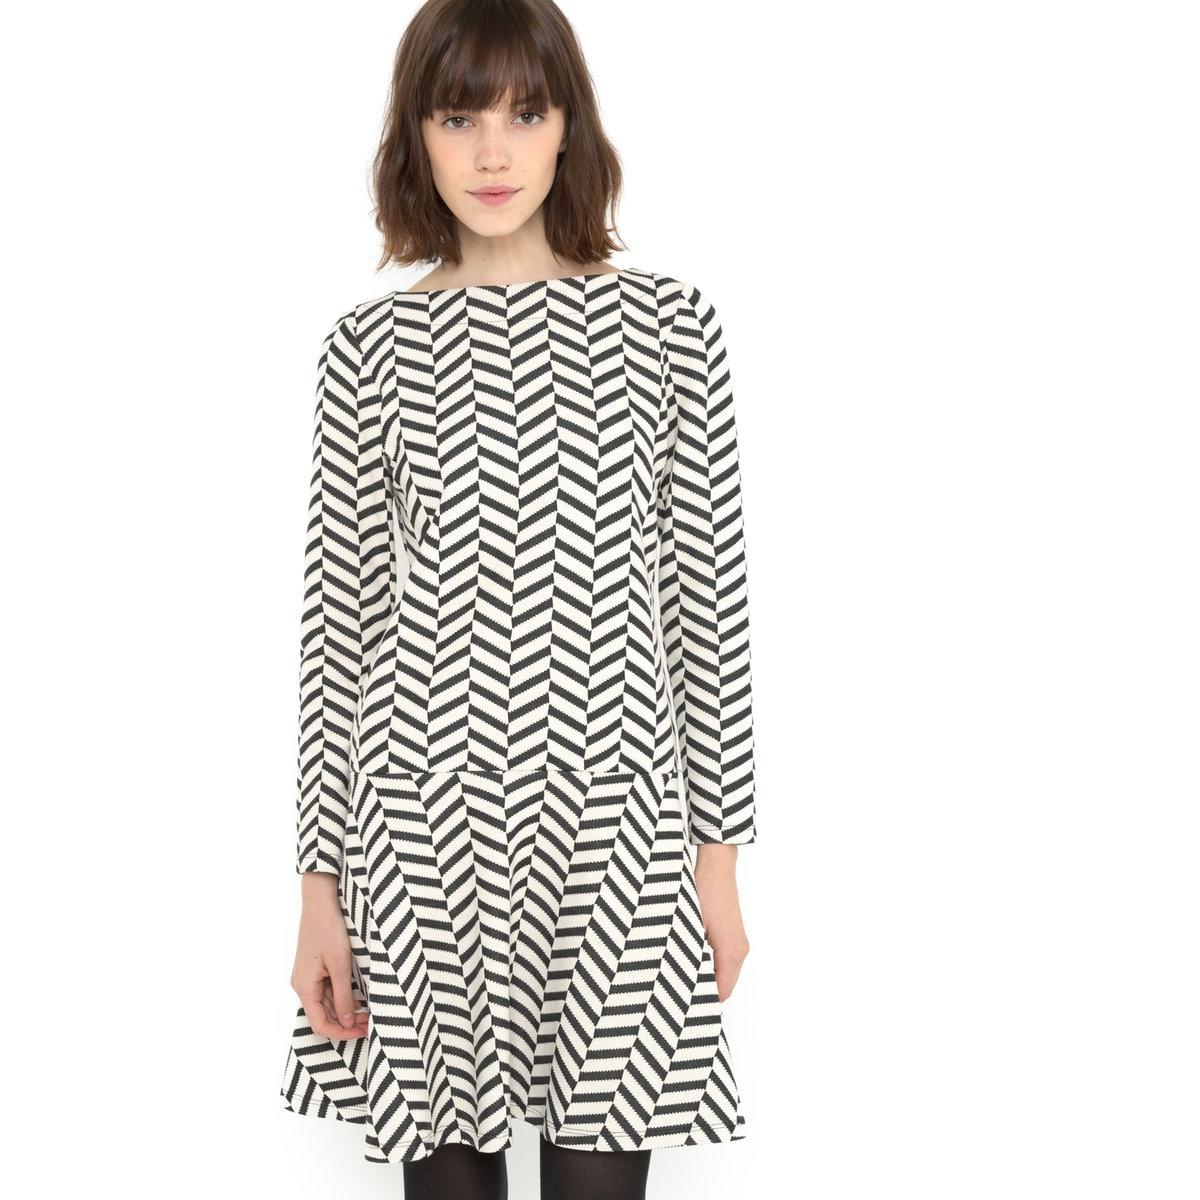 Платье жаккардовое черно-белоеПлатье MADEMOISELLE R. Платье из жаккардового трикотажа с шевронным узором, черно-белое. Длинные рукава. Вырез-лодочка. Отрезное по талии. Расклешенное. Застежка на молнию сзади. Длина ок.90 см.Платье, 97% полиэстера, 3% эластана.<br><br>Цвет: белый/ черный<br>Размер: 32 (FR) - 38 (RUS)